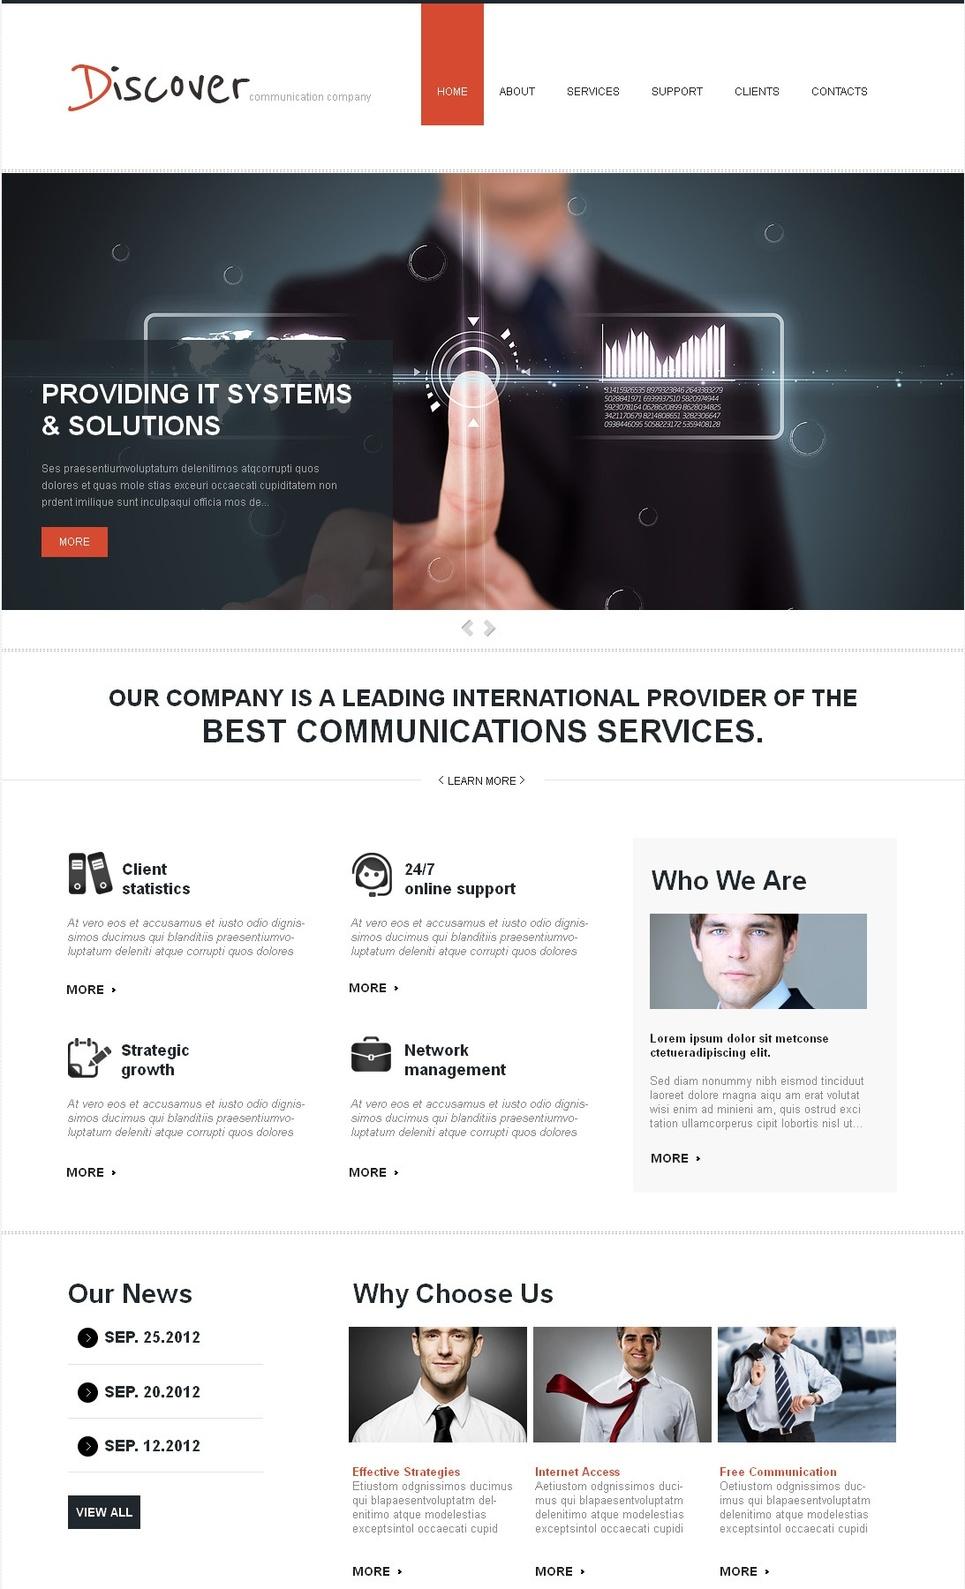 MotoCMS HTML Szablon #42702 z kategorii Komunikacja - image